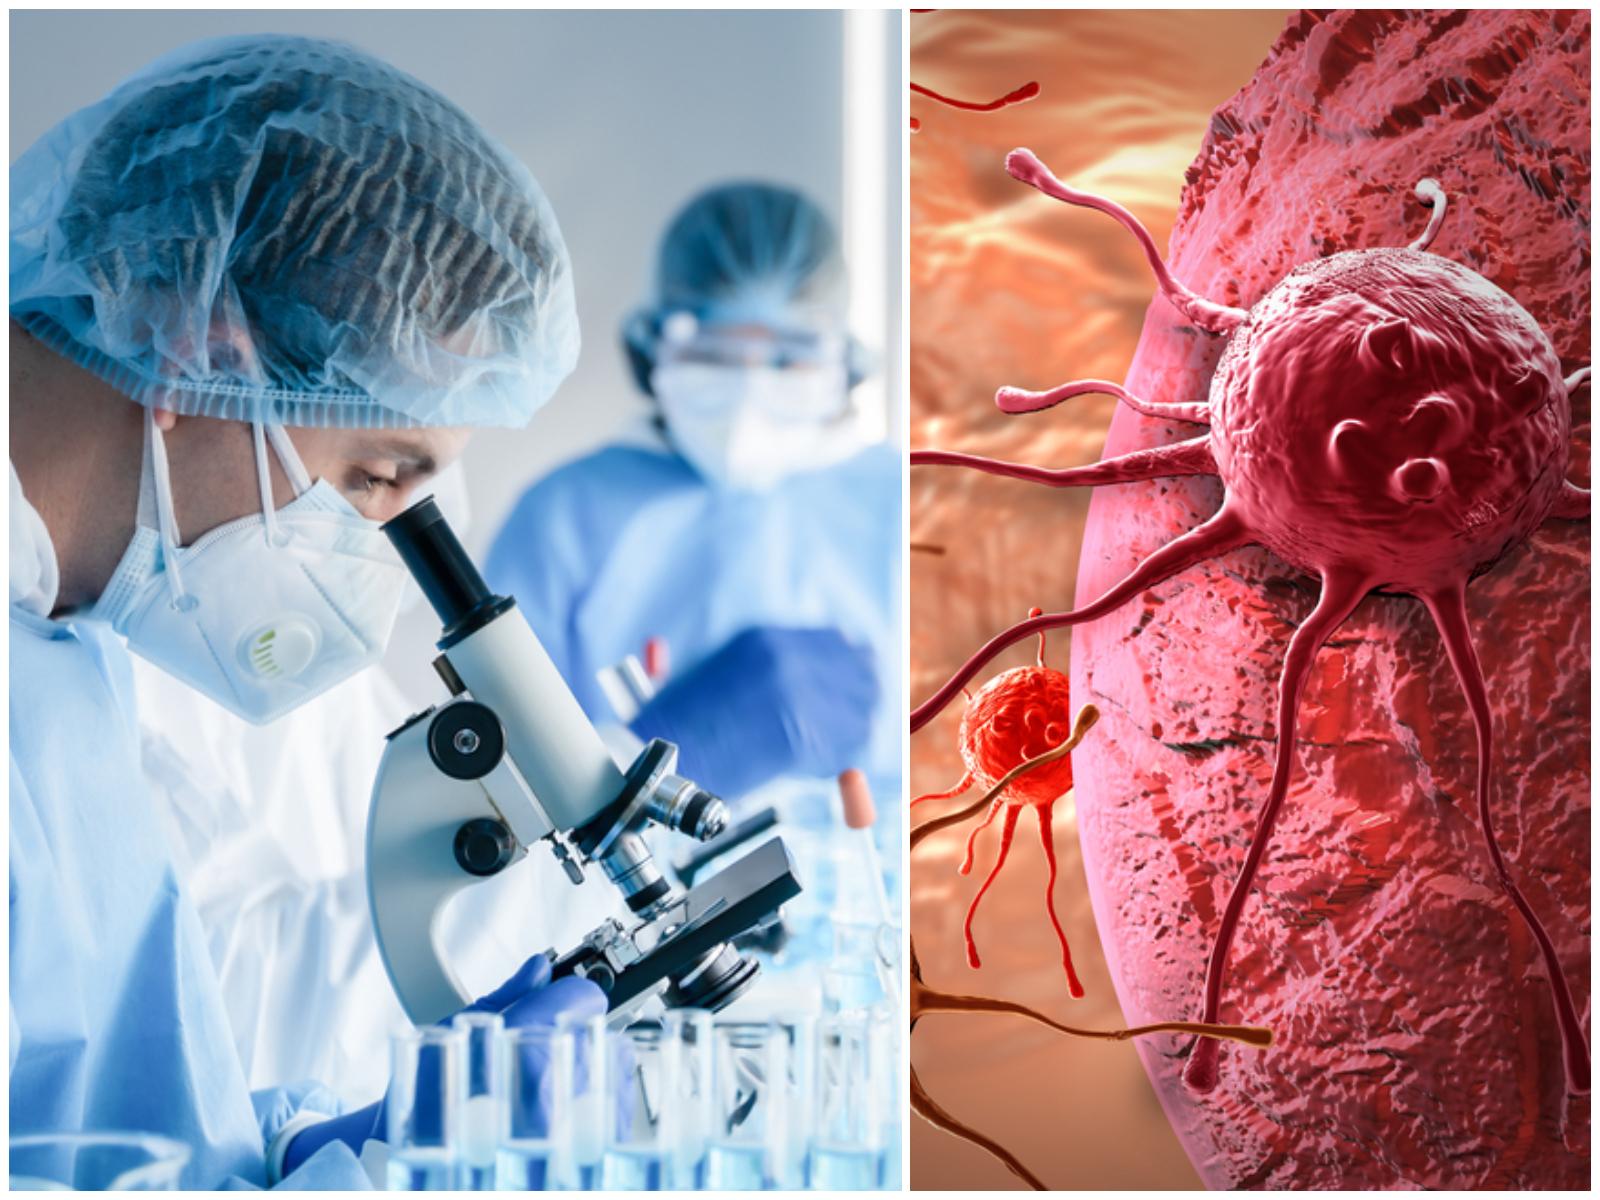 VELIKI USPJEH ZNANSTVENIKA: Uz pomoć 'trojanskog konja' ubijaju stanice raka: 'Radi kao kemoterapija, ali bez nuspojava'